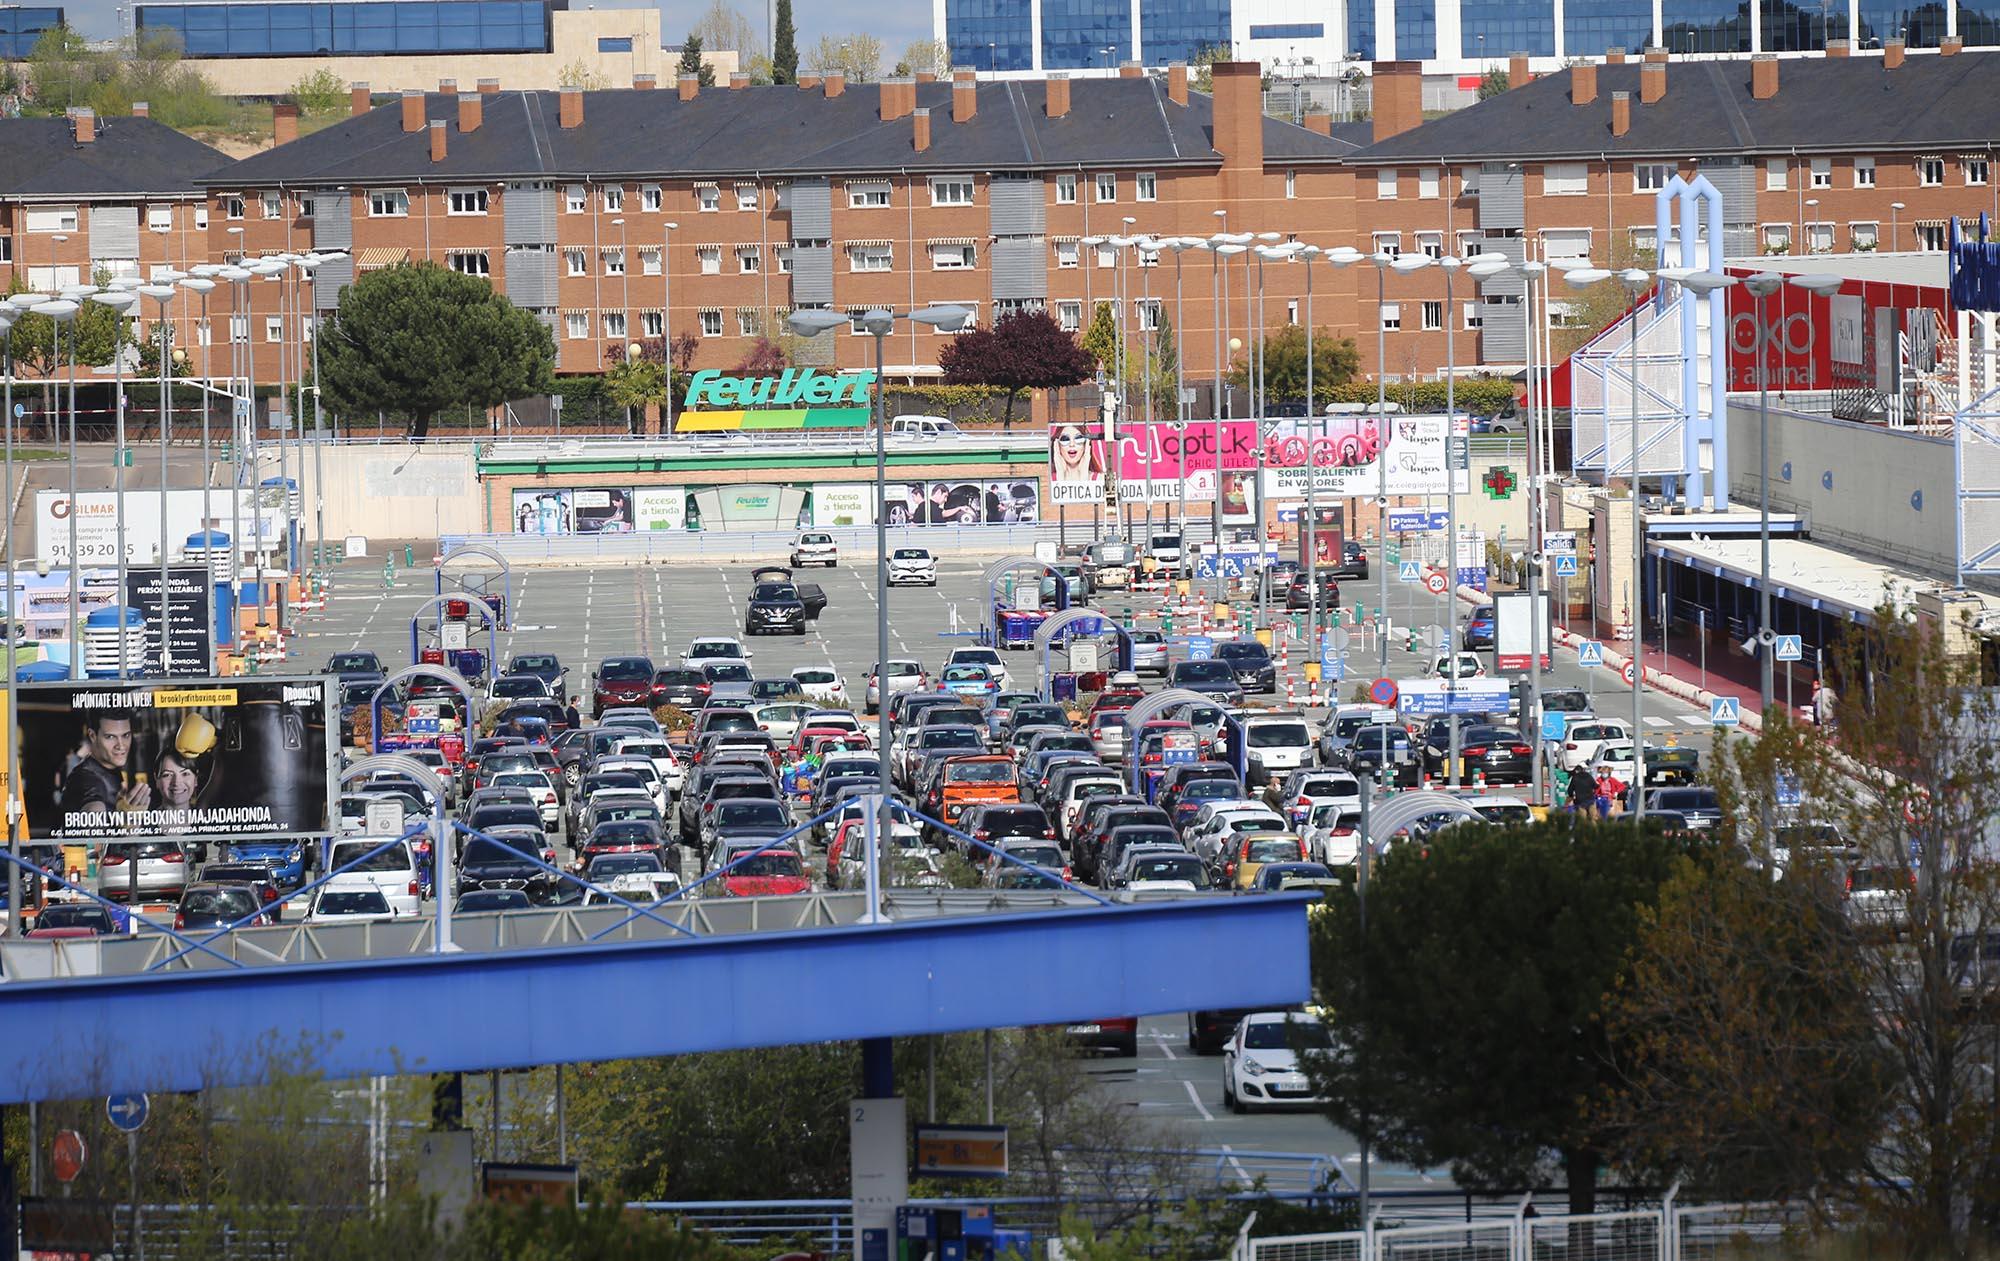 Centro comercial en Majadahonda el pasado domingo 5 de abril